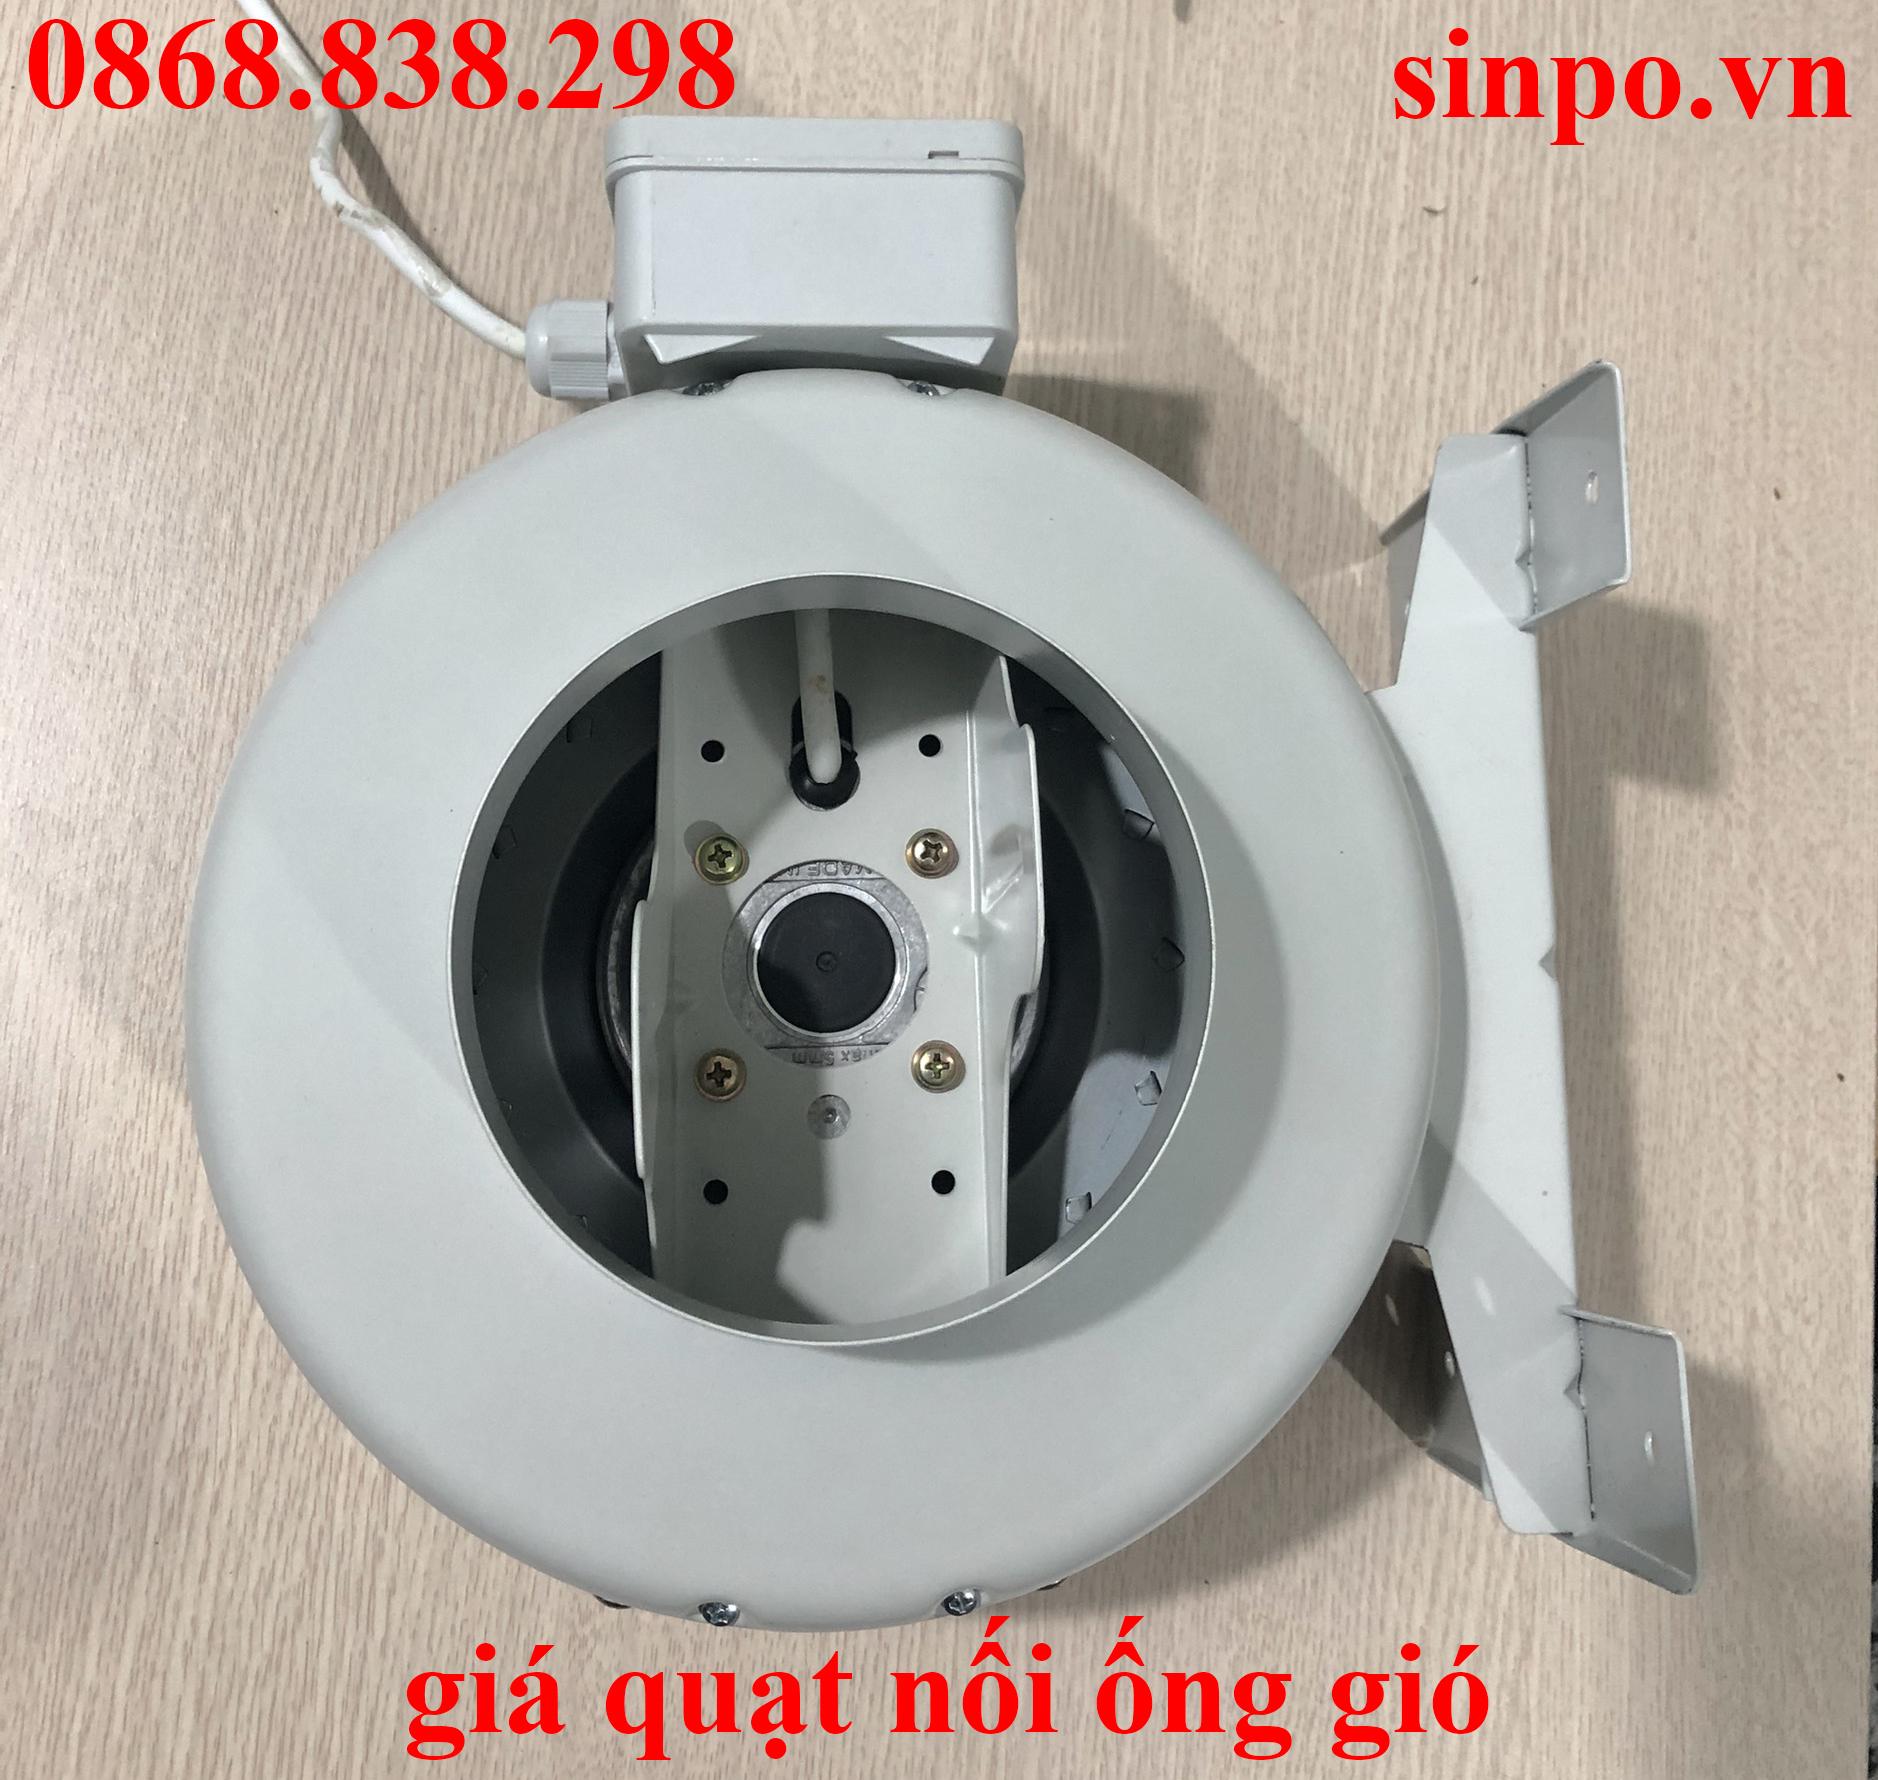 Giá quạt nối ống gió tại Hà Nội, Hải Phòng, Đà nẵng, TP HCM